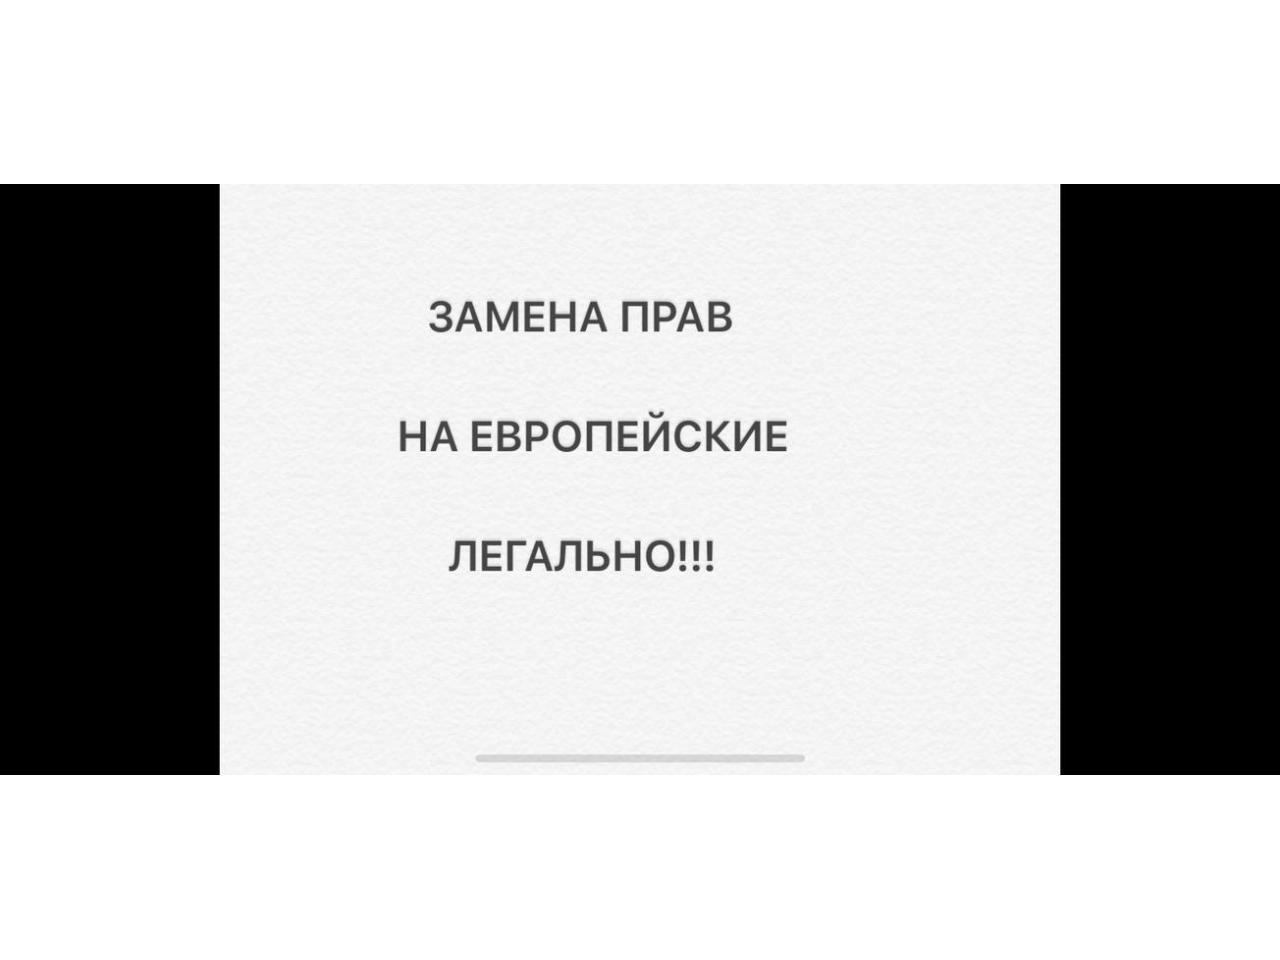 ЗАМЕНА ВОДИТЕЛЬСКИХ ПРАВ НА ЕВРОПЕЙСКИЕ!!! - 1